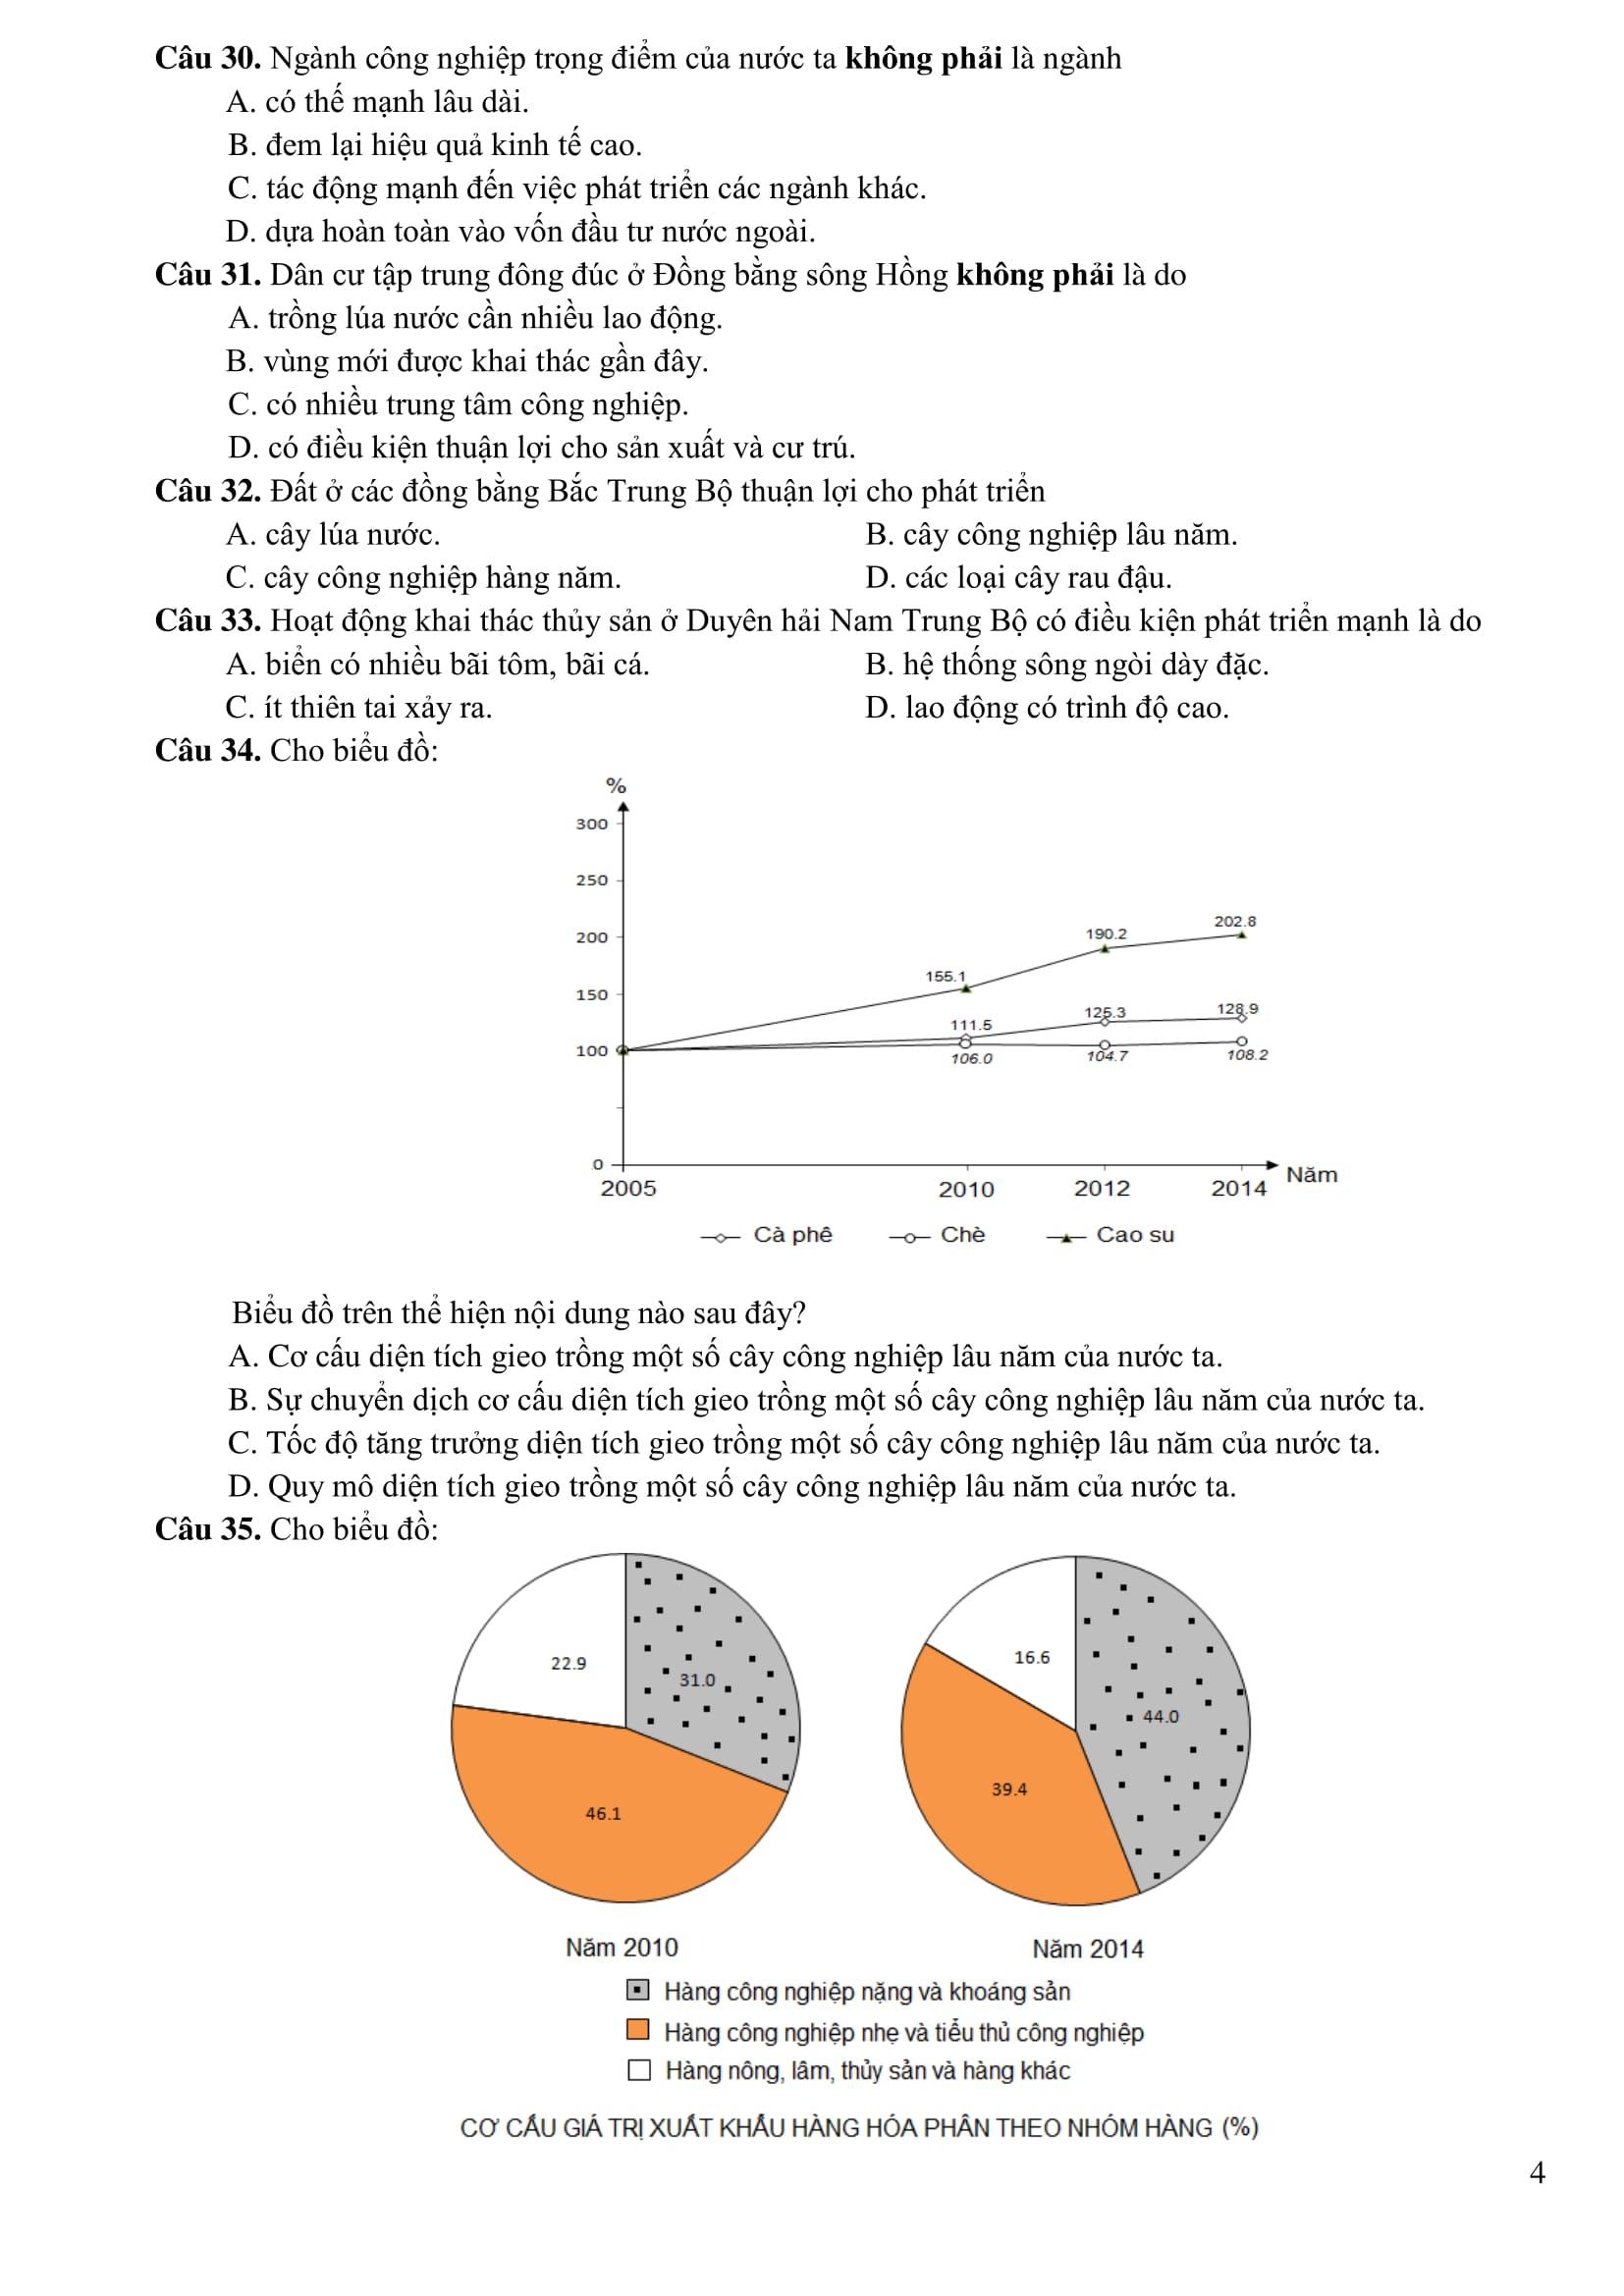 Đề thi mẫu môn Địa lý của kỳ thi THPT quốc gia 2017 - 04